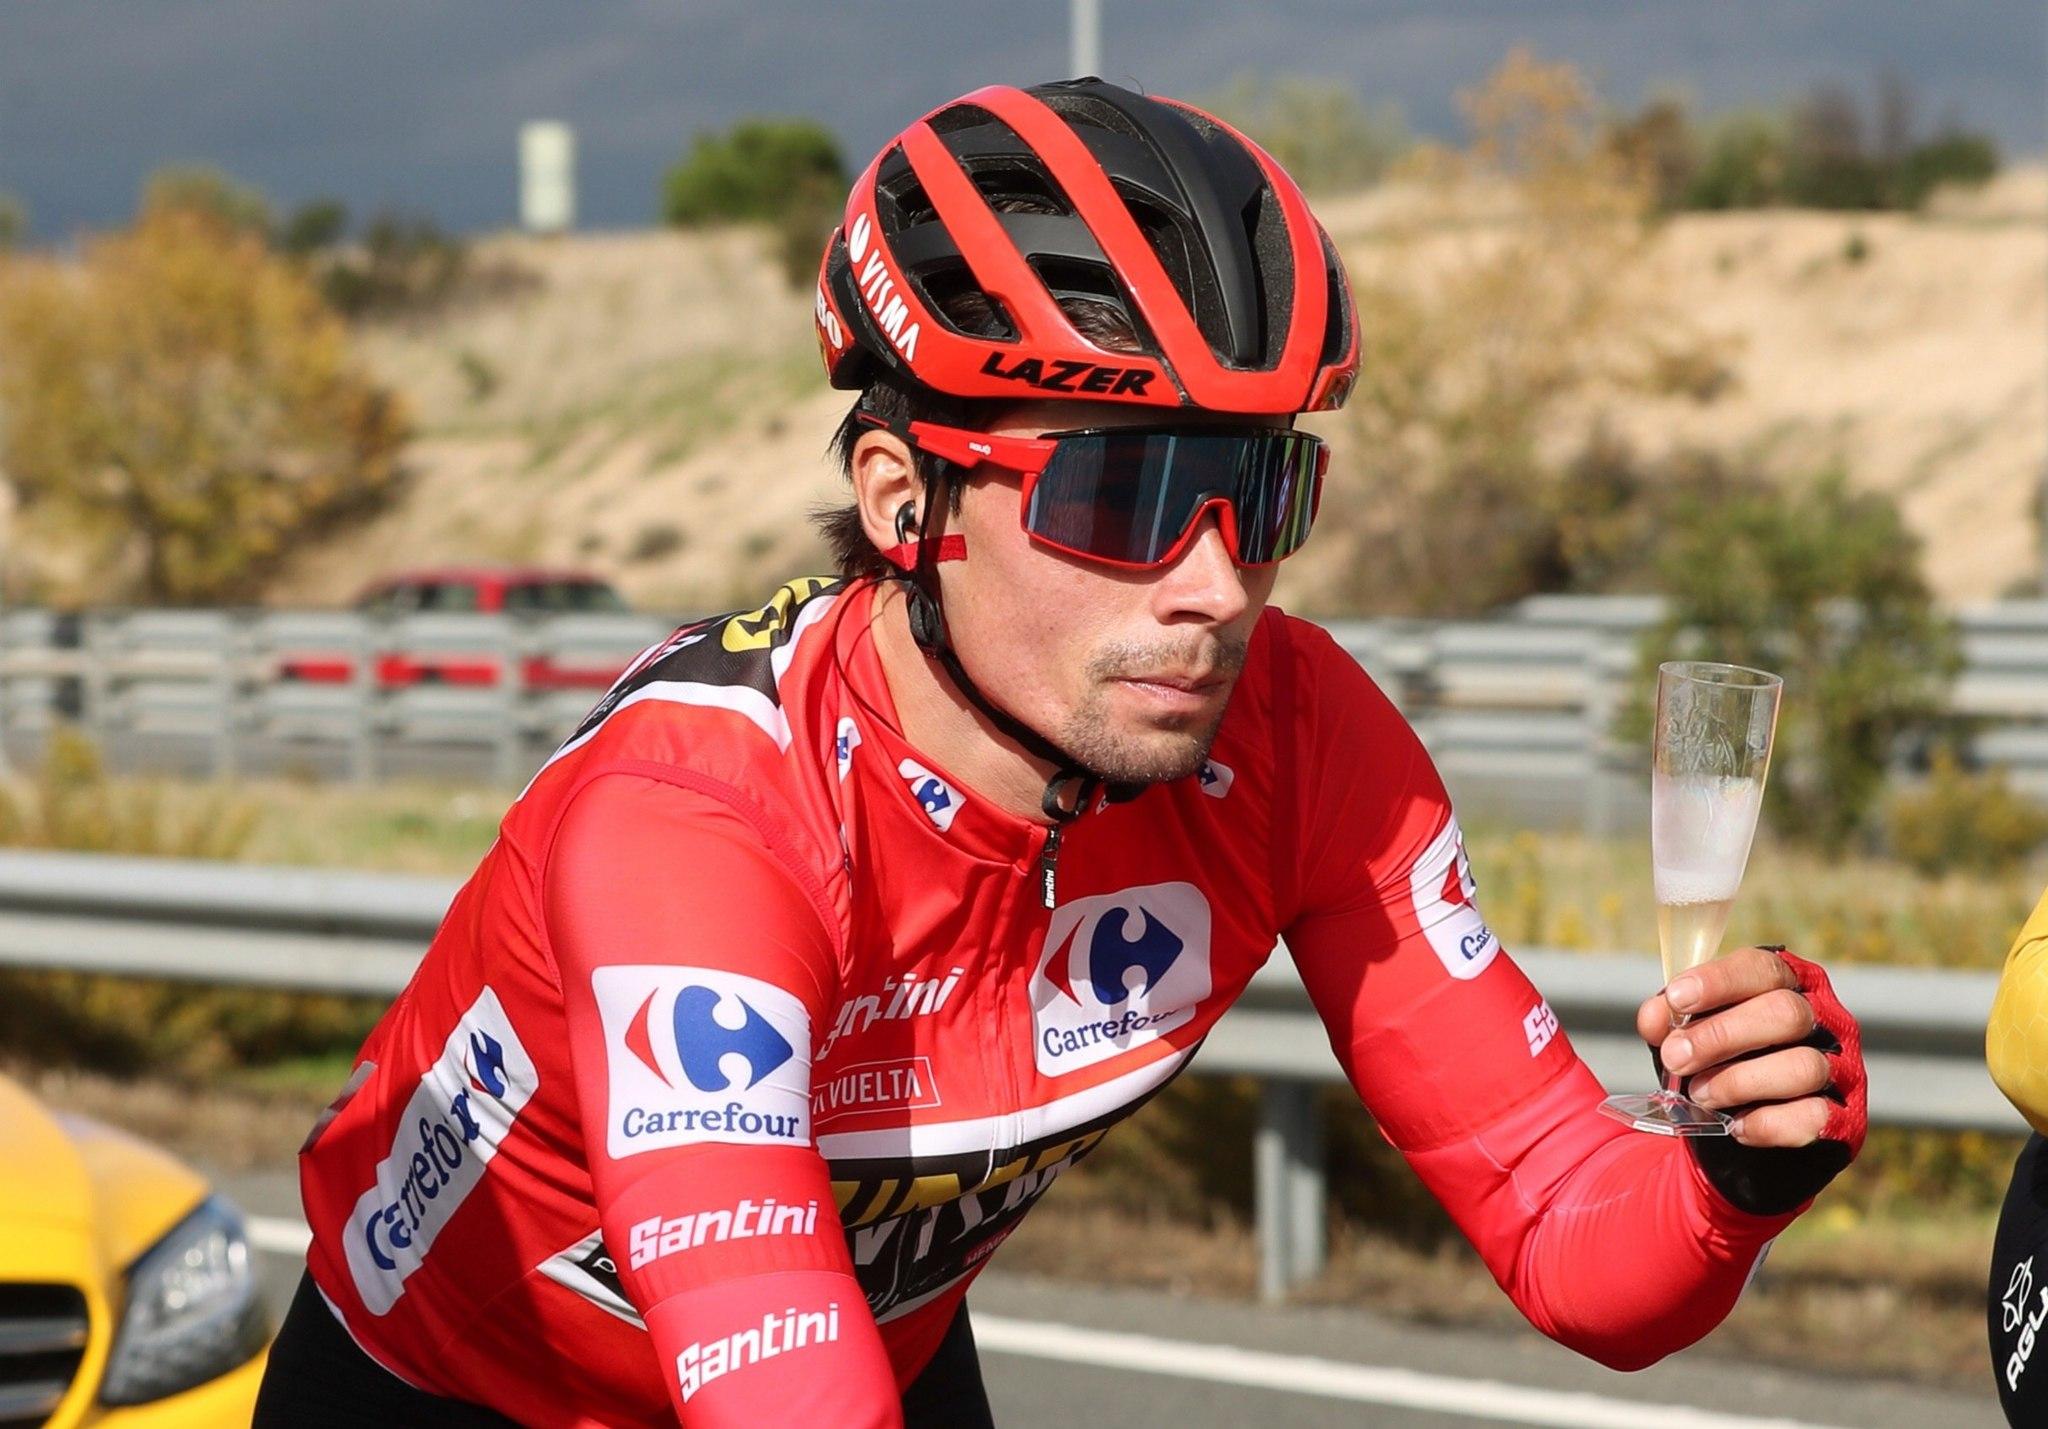 MADRID, 08/11/2020.- El esloveno Primoz Roglic (Jumbo Visma), primer clasificado, celebra su más que posible triunfo durante la última etapa de la 75 lt;HIT gt;Vuelta lt;/HIT gt; a España, Hipódromo de la Zarzuela-Madrid, sobre un recorrido de 124,2 km. EFE/ Kiko Huesca